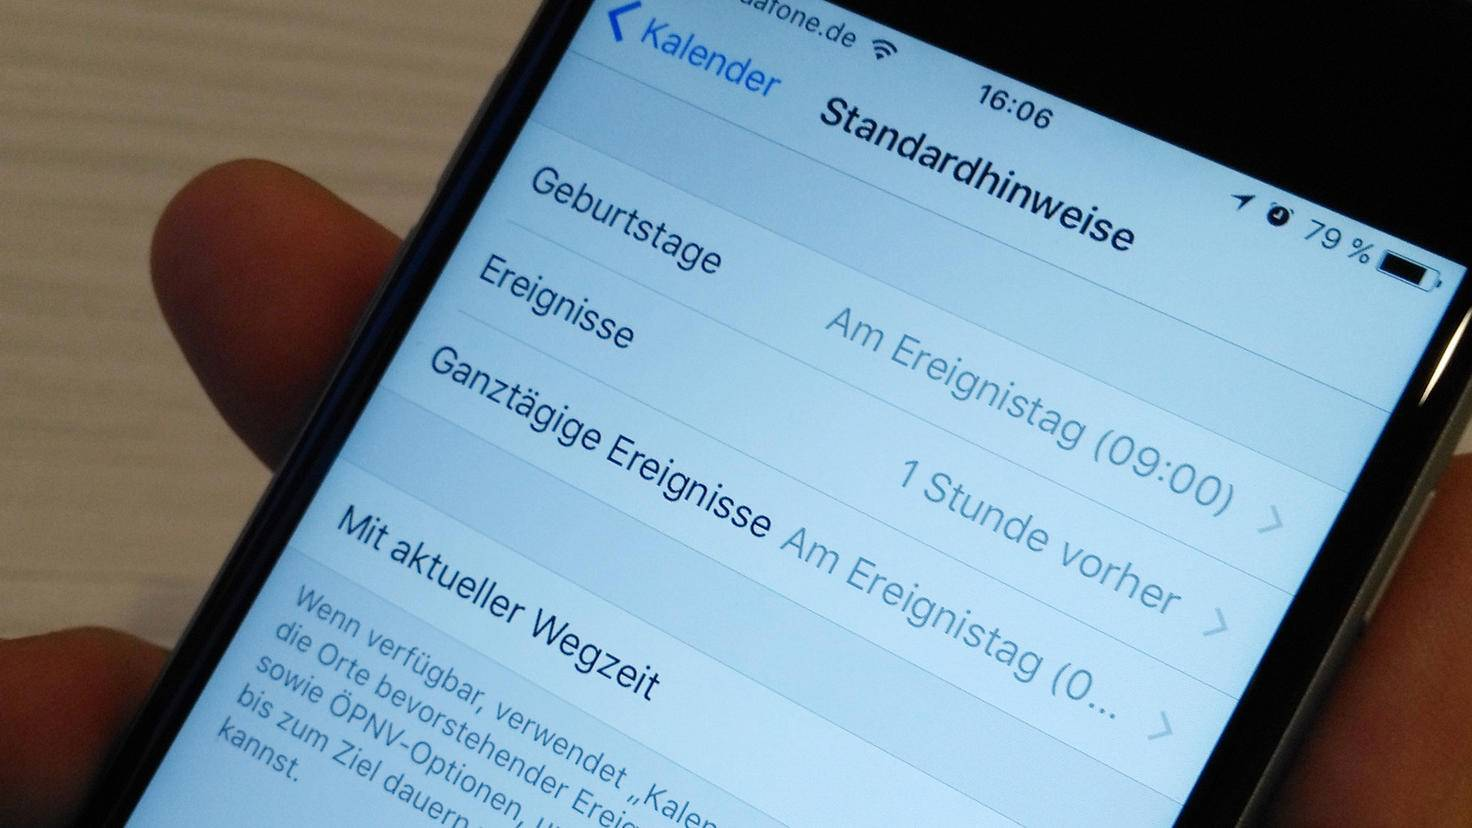 iPhone Kalender Hinweise